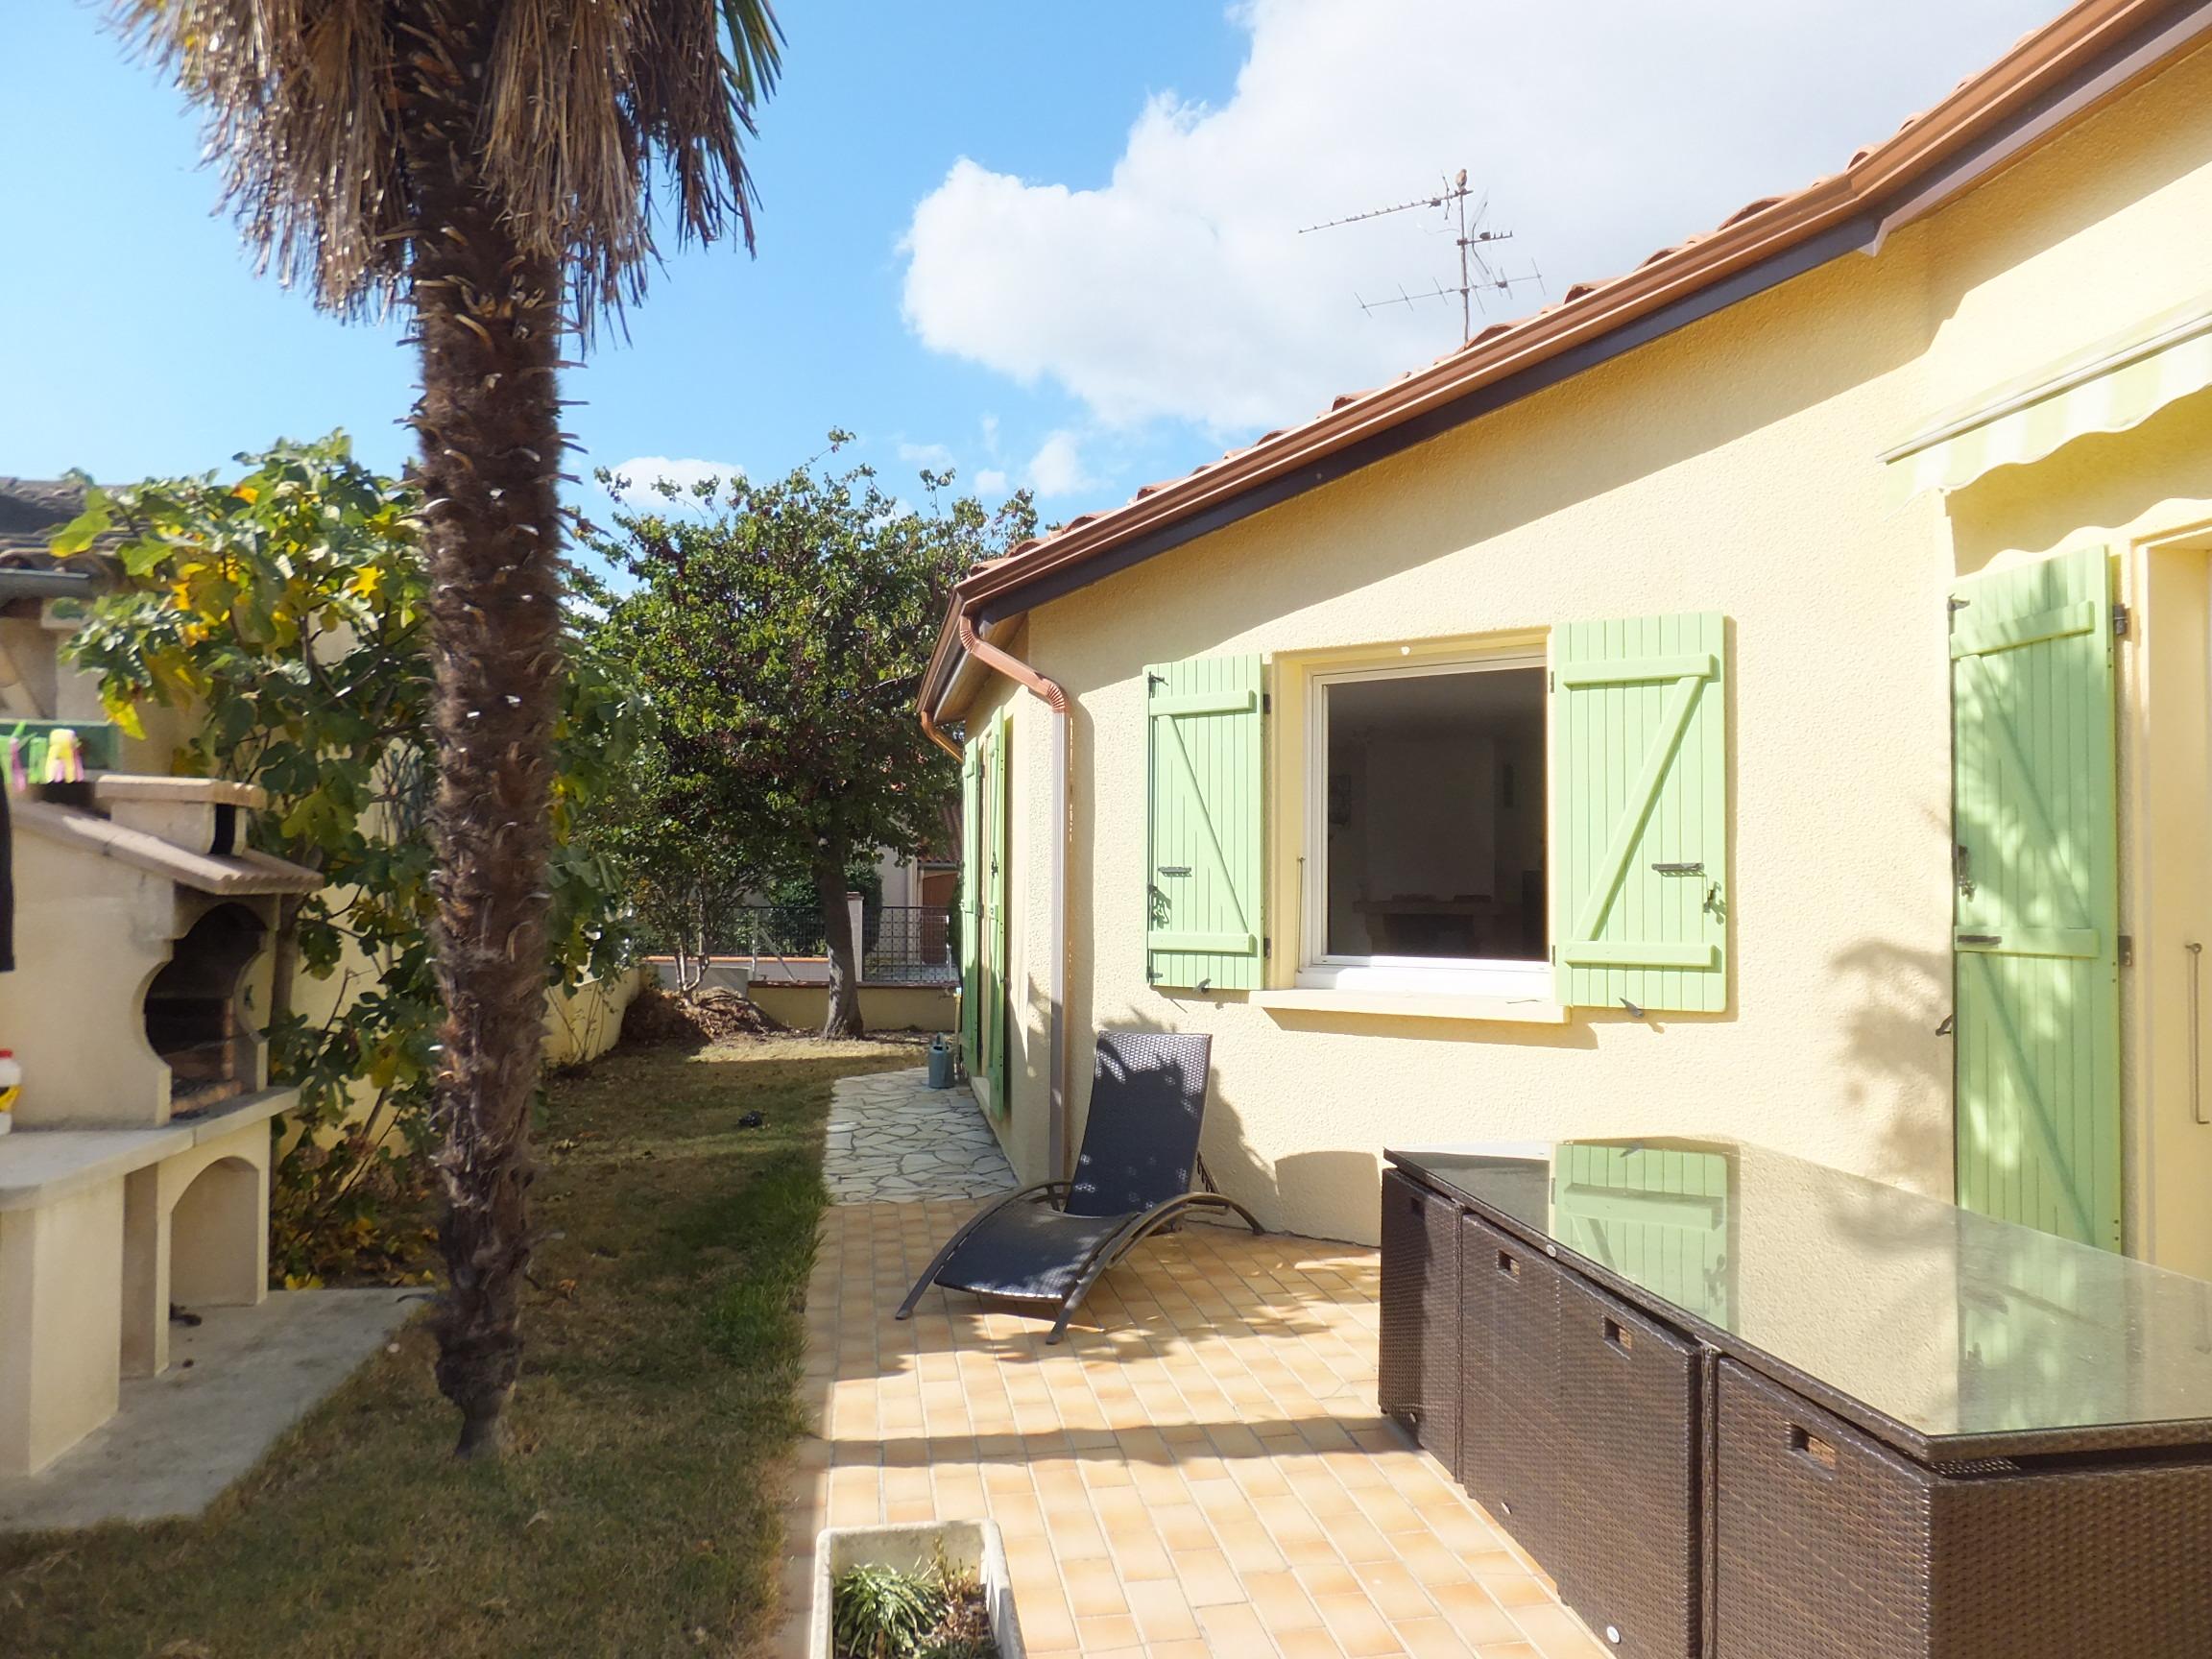 Toulouse chapitre maison t4 de plain pied avec piscine for Garage toulouse avis